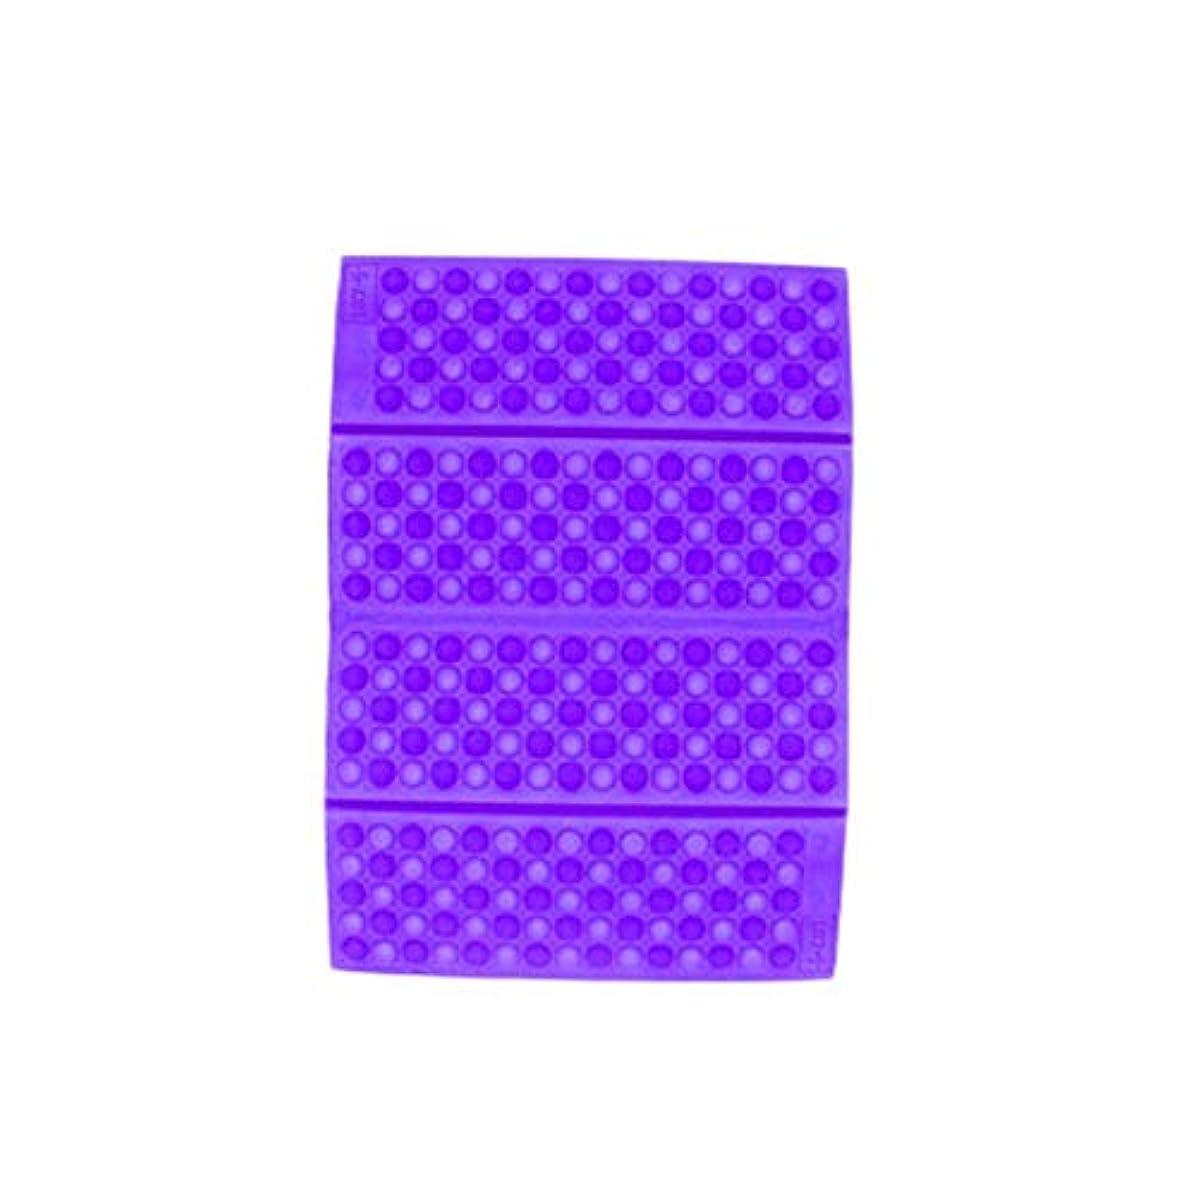 放棄するアイドル粘り強いポータブルXPE防湿ハニカムクッションパープル-パープル